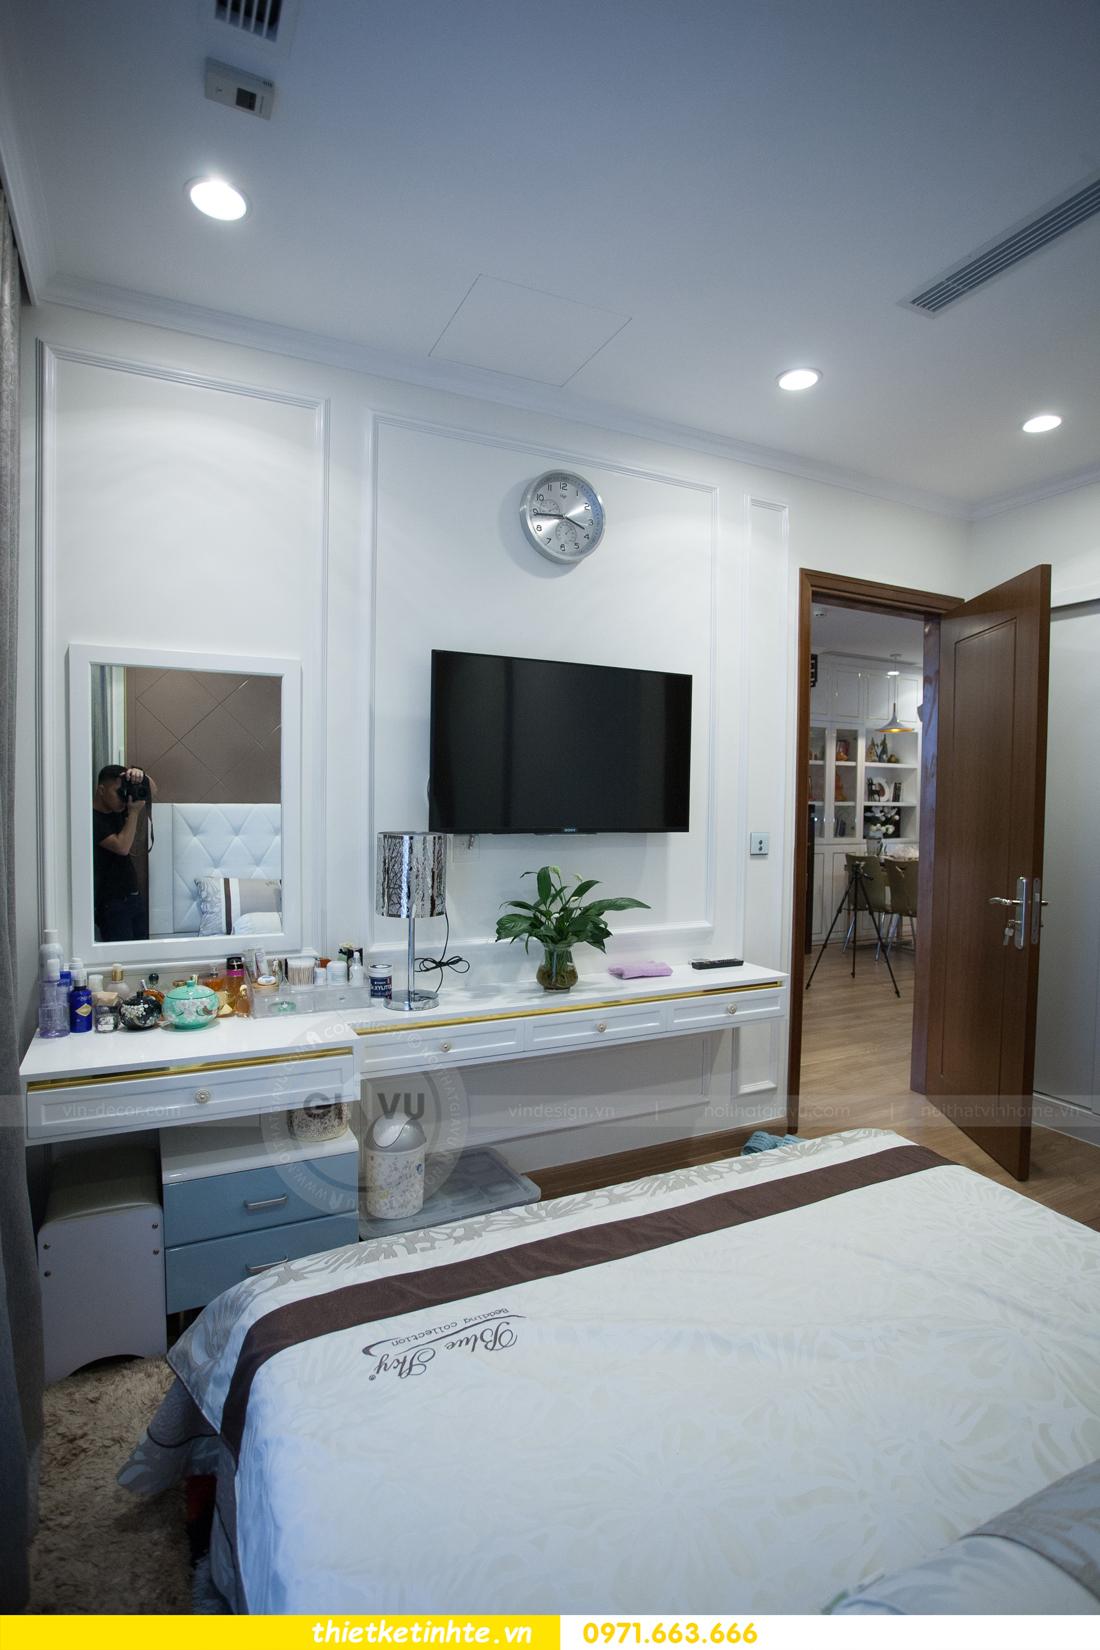 hoàn thiện nội thất chung cư Park Hill căn 2 phòng ngủ 14